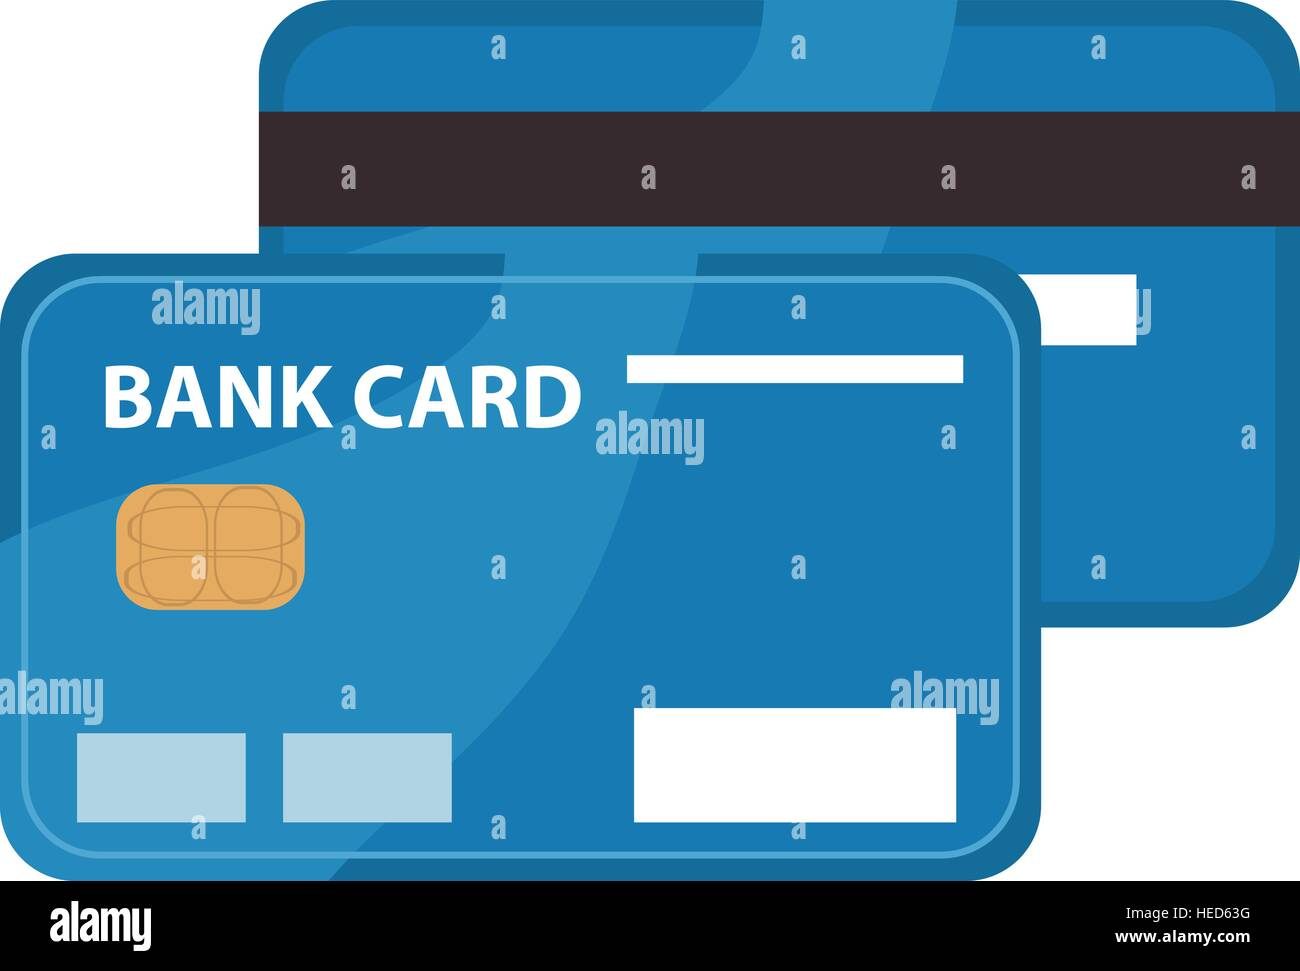 Kreditkarte-Symbol, flaches Design. Bankkarte isoliert auf weißem Hintergrund. Vektor-Illustration, ClipArt Stockbild